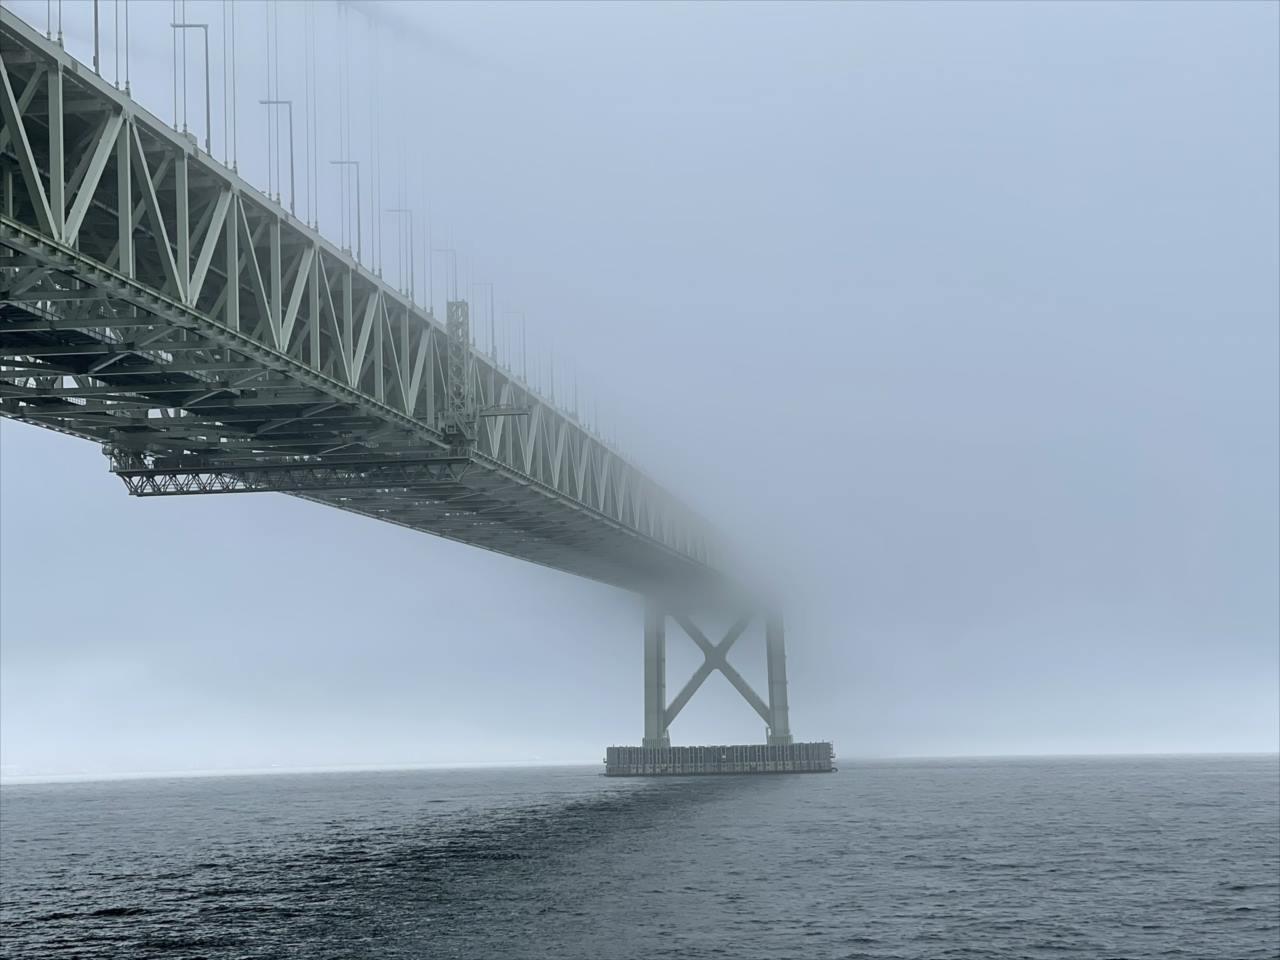 この先は魔境があるとしか思えない!濃霧で凄いことになってる『明石海峡大橋』が話題に!